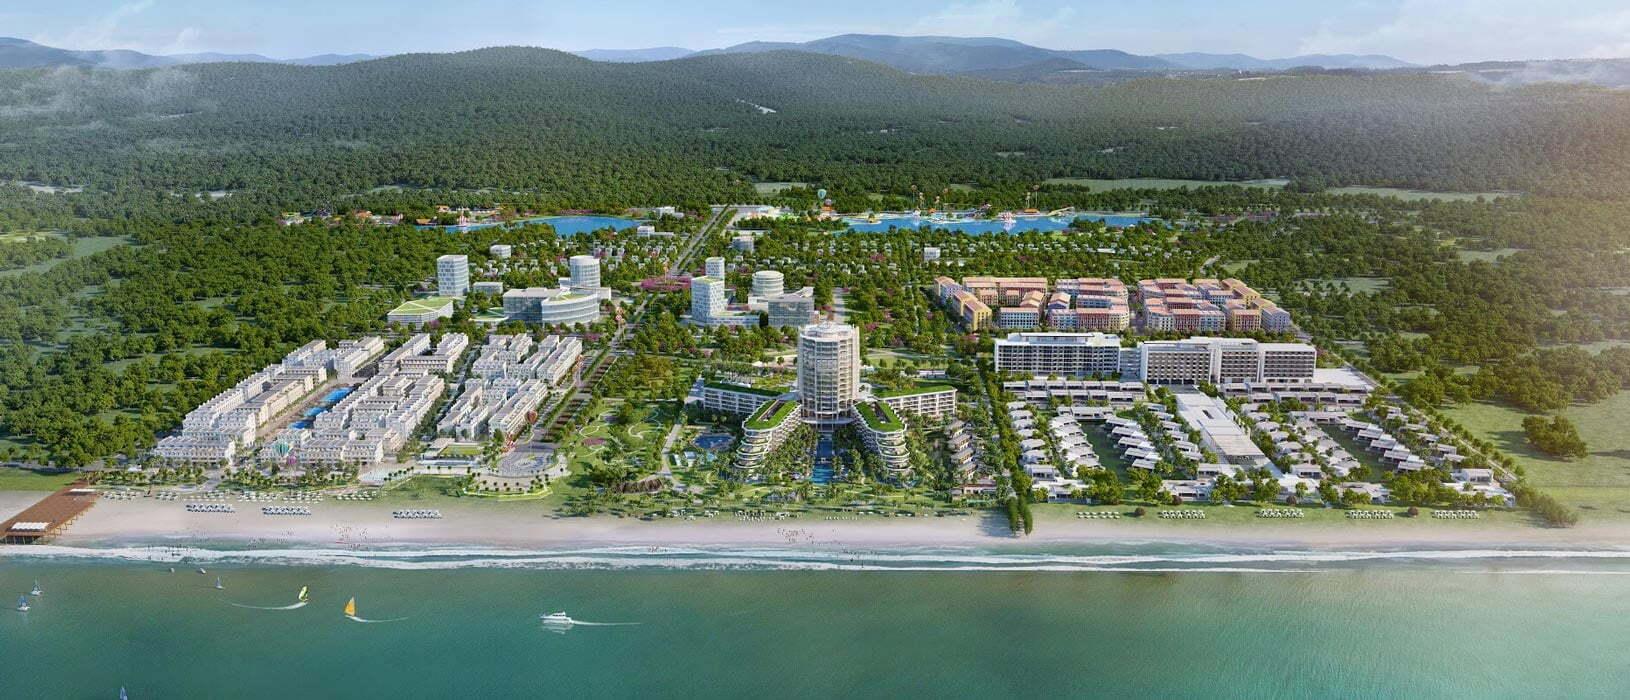 Khu phức hợp dự án Marina Phu Quoc được quy hoạch bài bản rộng 155 ha tại Phú Quốc